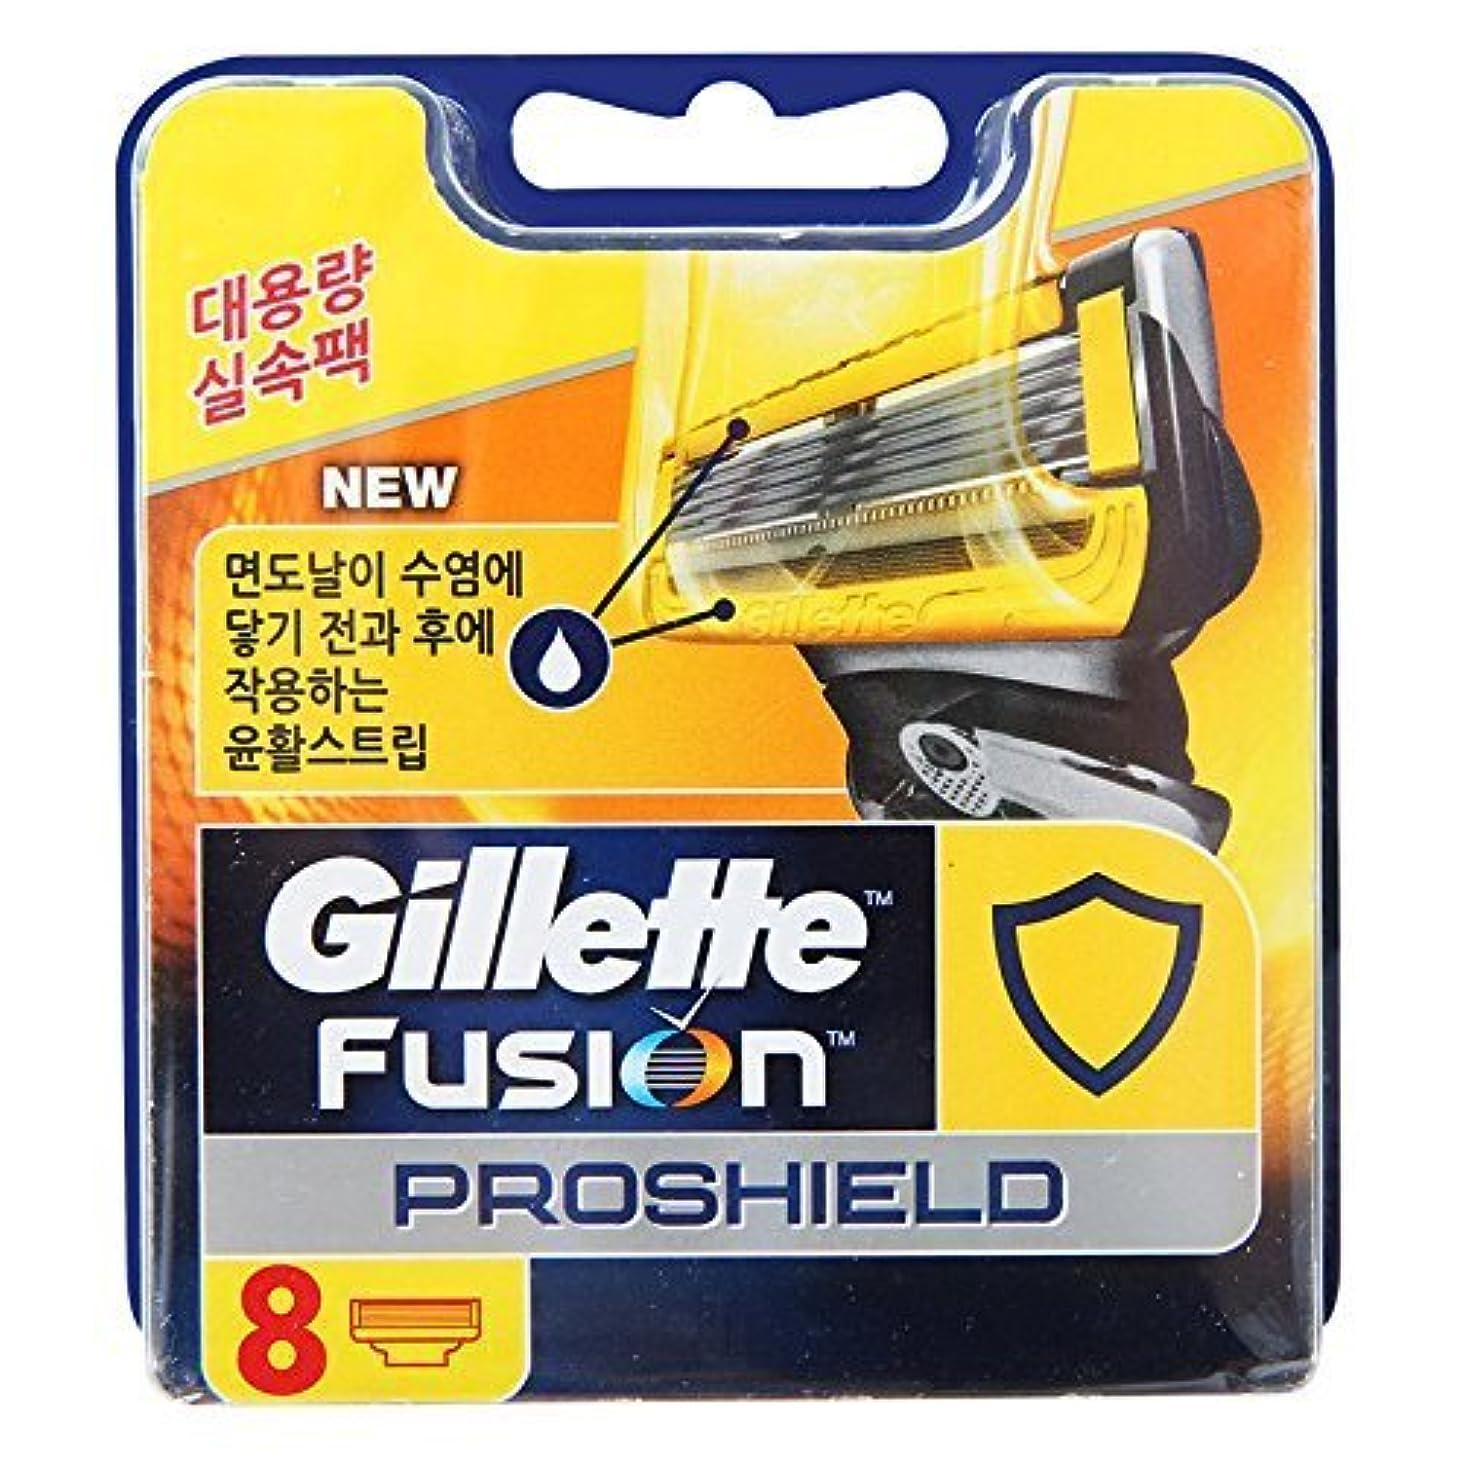 サスペンドれる不健全Gillette Fusion Proshield Yellow Men's Razor Blade 8 Pack / ドイツ製 [並行輸入品]